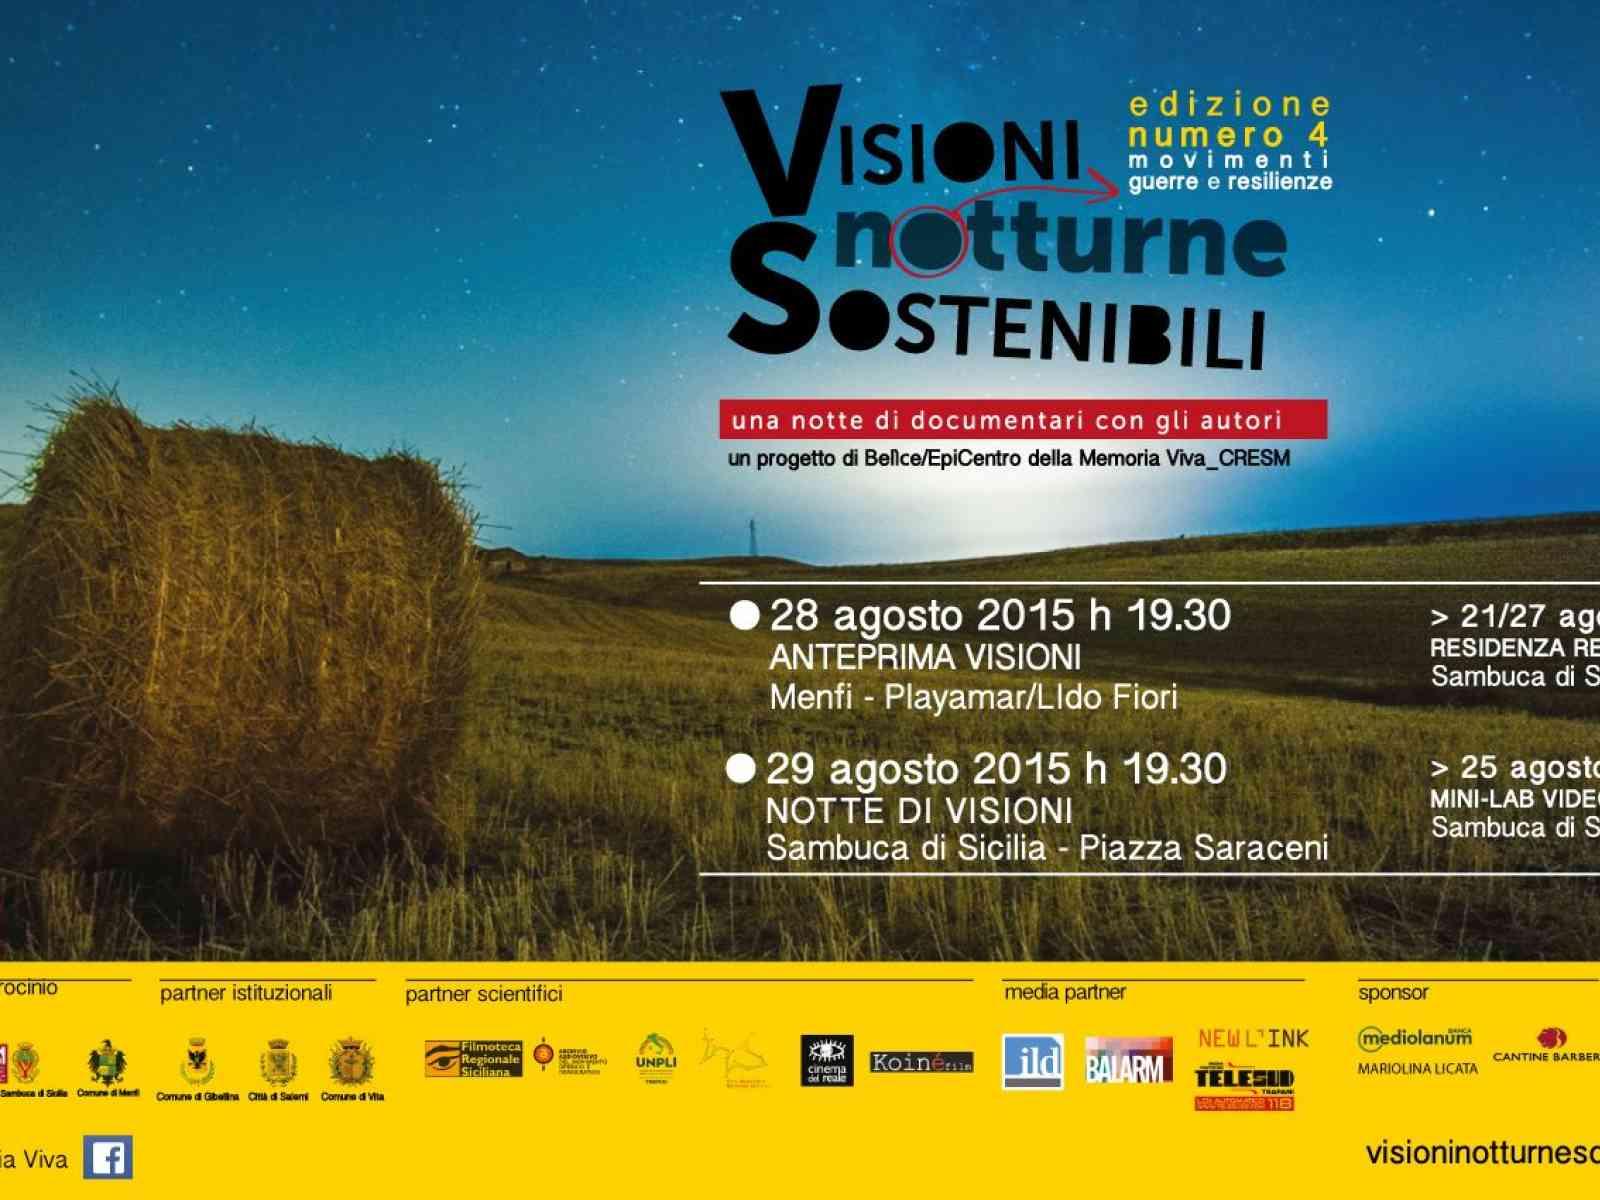 Menfi. Visioni Notturne Sostenibili. Il 28 agosto a Lido Fiori documentari ed arte